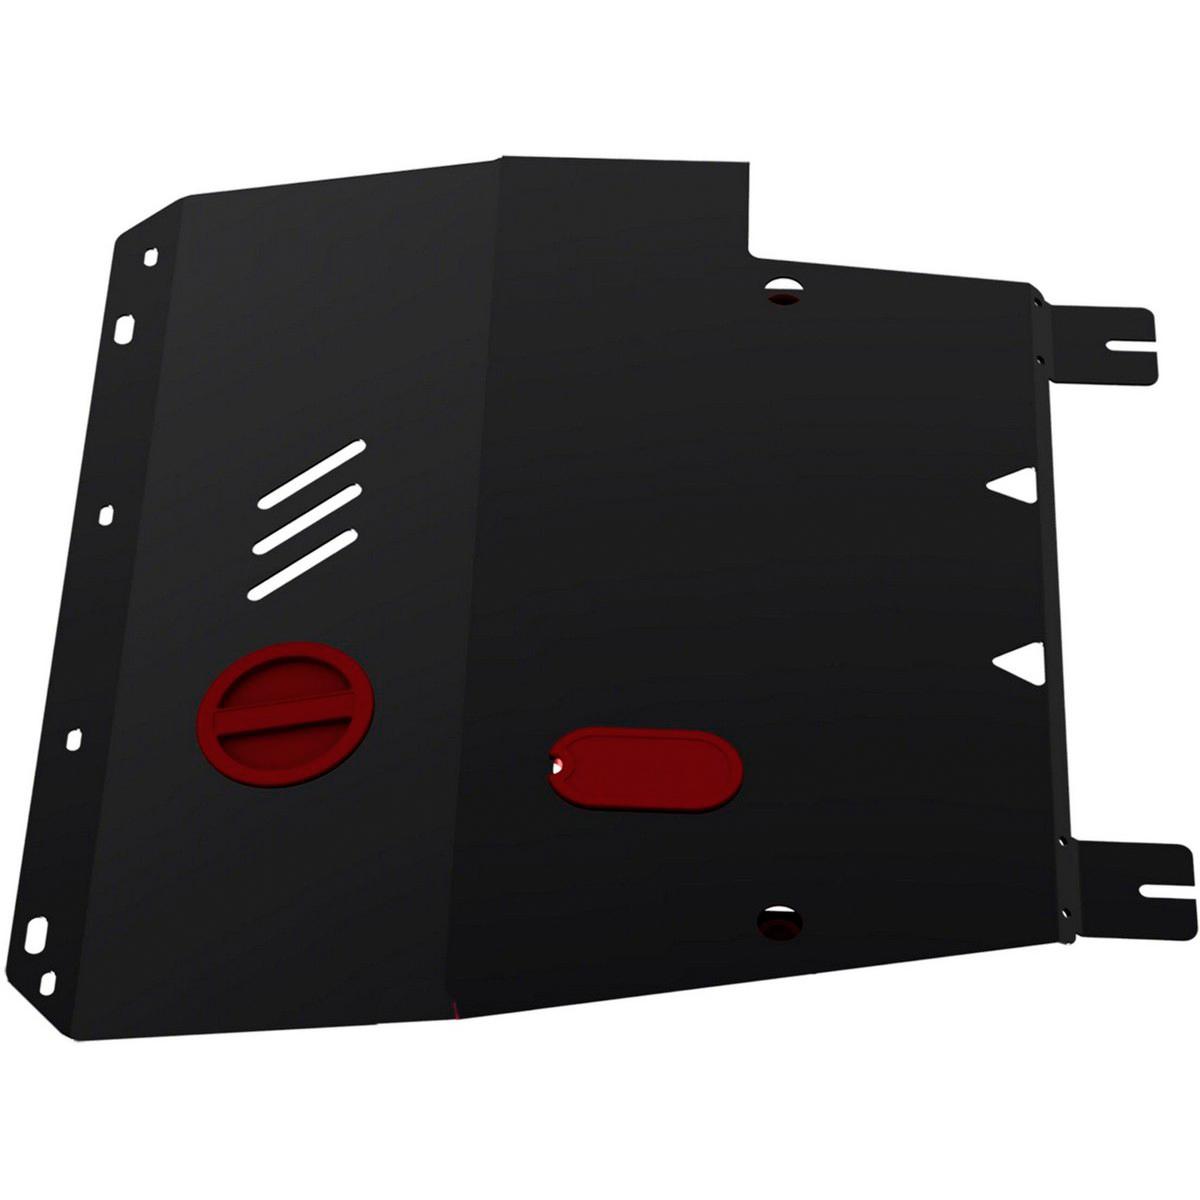 Защита картера и КПП Автоброня Nissan Tiida 2007-2015, сталь 2 мм111.04113.3Защита картера и КПП Автоброня Nissan Tiida, V - 1,6; 1,8 2007-2015, сталь 2 мм, комплект крепежа, 111.04113.3Стальные защиты Автоброня надежно защищают ваш автомобиль от повреждений при наезде на бордюры, выступающие канализационные люки, кромки поврежденного асфальта или при ремонте дорог, не говоря уже о загородных дорогах. - Имеют оптимальное соотношение цена-качество. - Спроектированы с учетом особенностей автомобиля, что делает установку удобной. - Защита устанавливается в штатные места кузова автомобиля. - Является надежной защитой для важных элементов на протяжении долгих лет. - Глубокий штамп дополнительно усиливает конструкцию защиты. - Подштамповка в местах крепления защищает крепеж от срезания. - Технологические отверстия там, где они необходимы для смены масла и слива воды, оборудованные заглушками, закрепленными на защите. Толщина стали 2 мм. В комплекте крепеж и инструкция по установке.